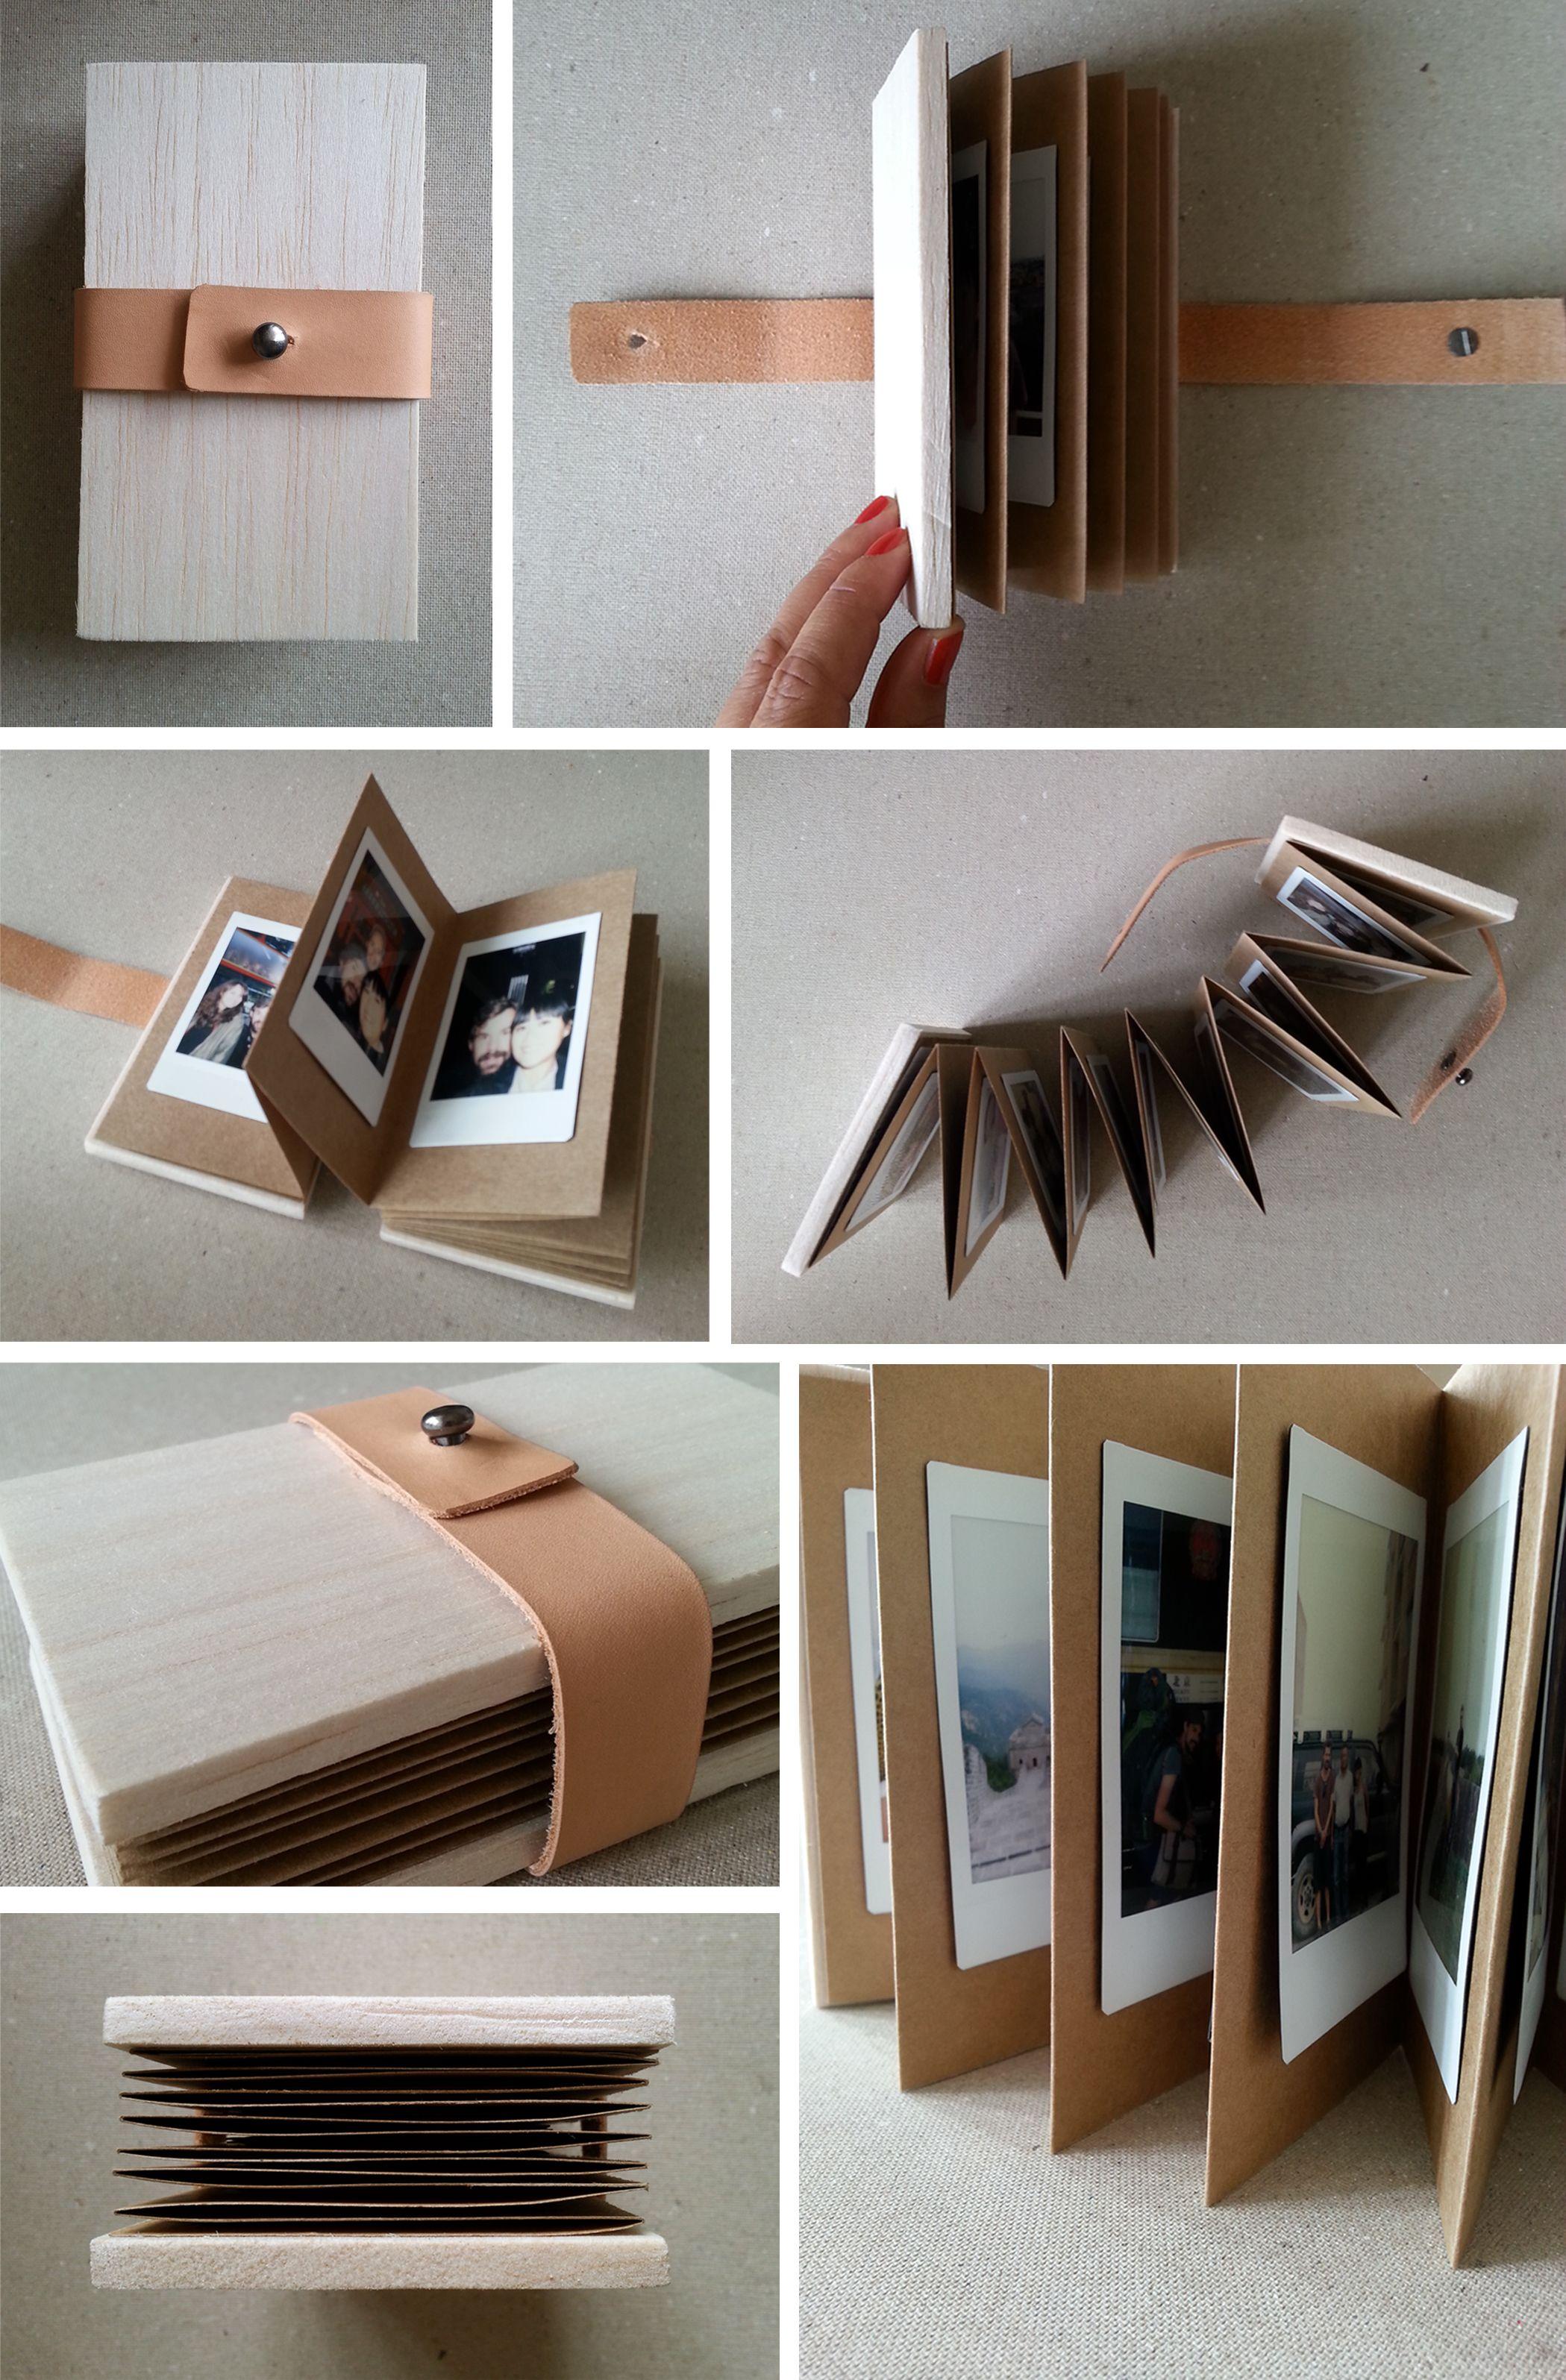 Fotoalbum – Erinnerungen Sammlung in einer schönen Verpackung - Haus Dekoration Mehr #uniquecrafts